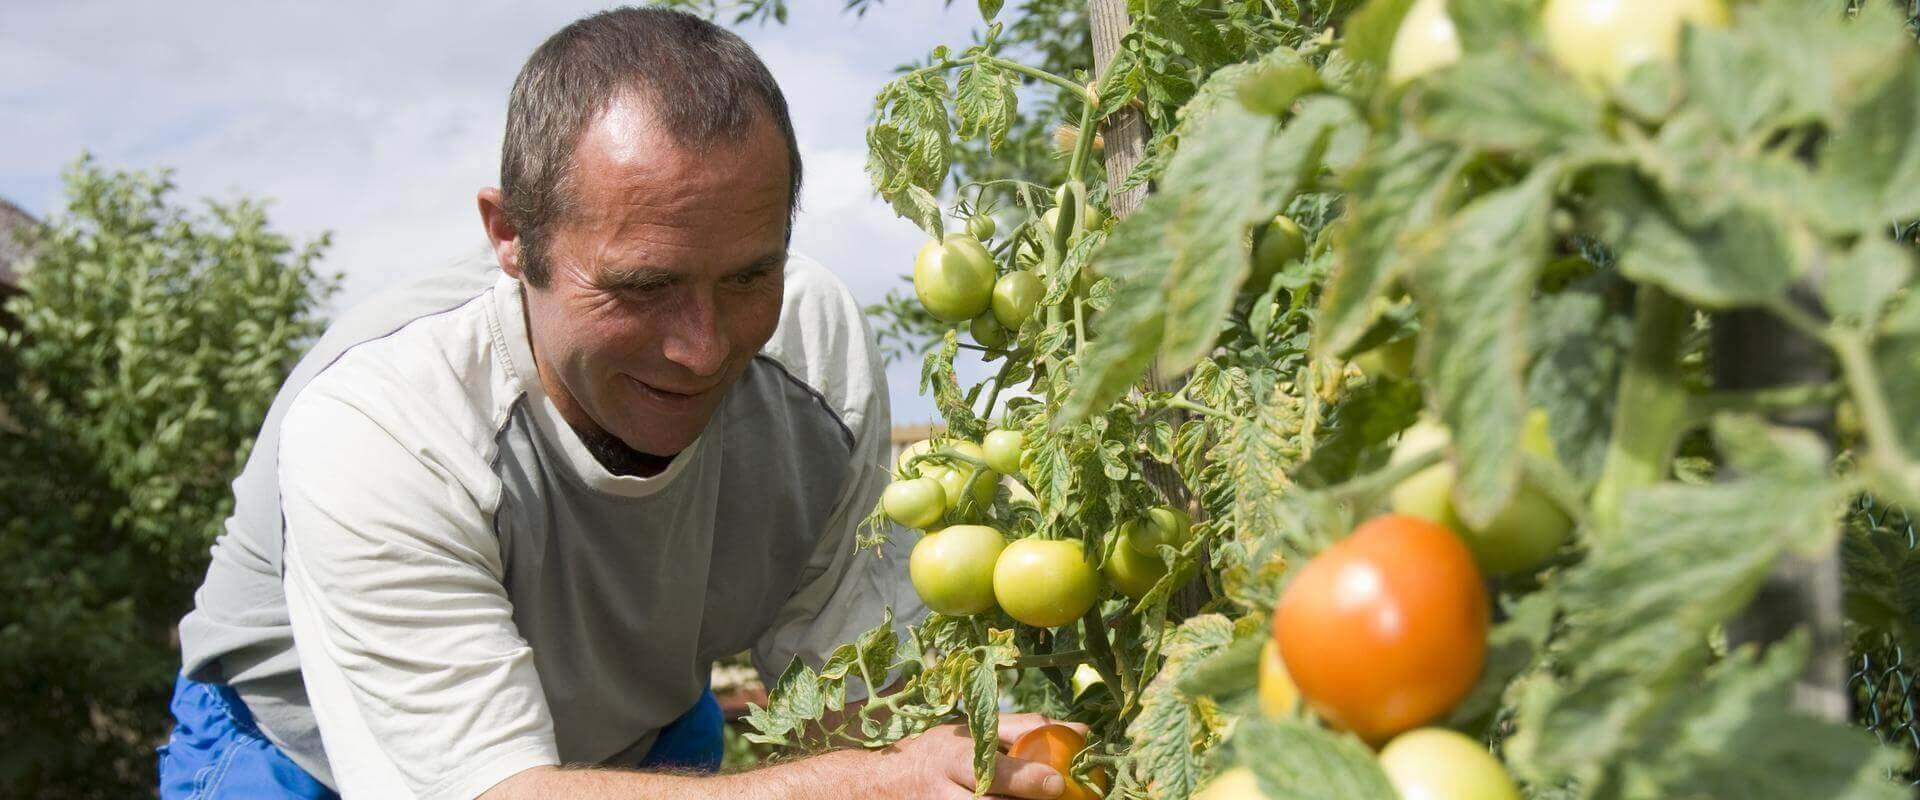 Gartenarbeit in der MEDIAN Klinik Bad Lobenstein